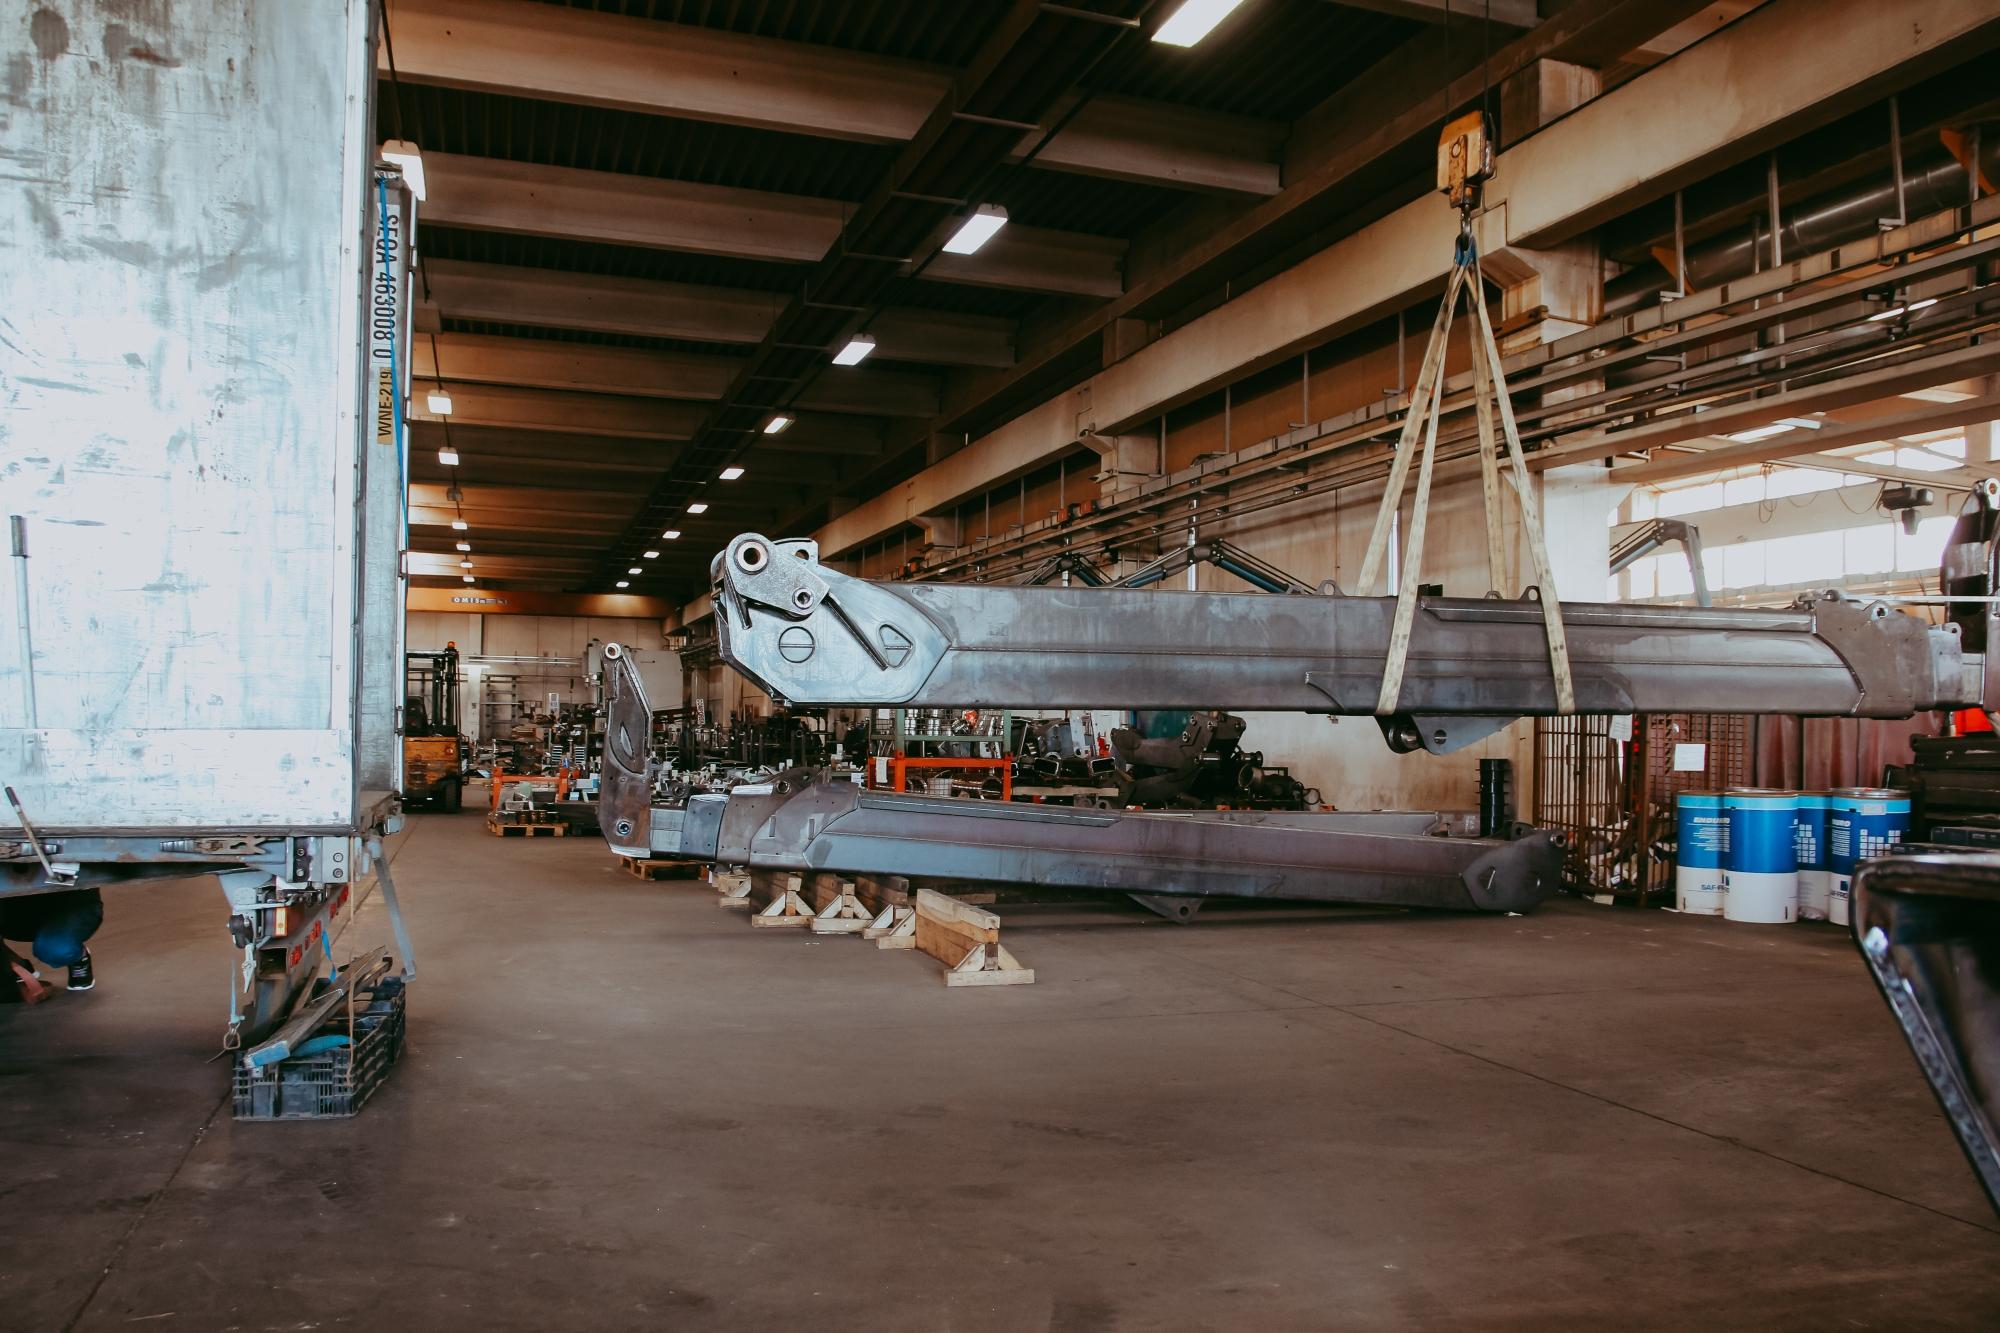 Oțel de dimensiuni mari, prelucrat, mutat cu ajutorul macaralei mobile, de mare tonaj, din hala de producție.